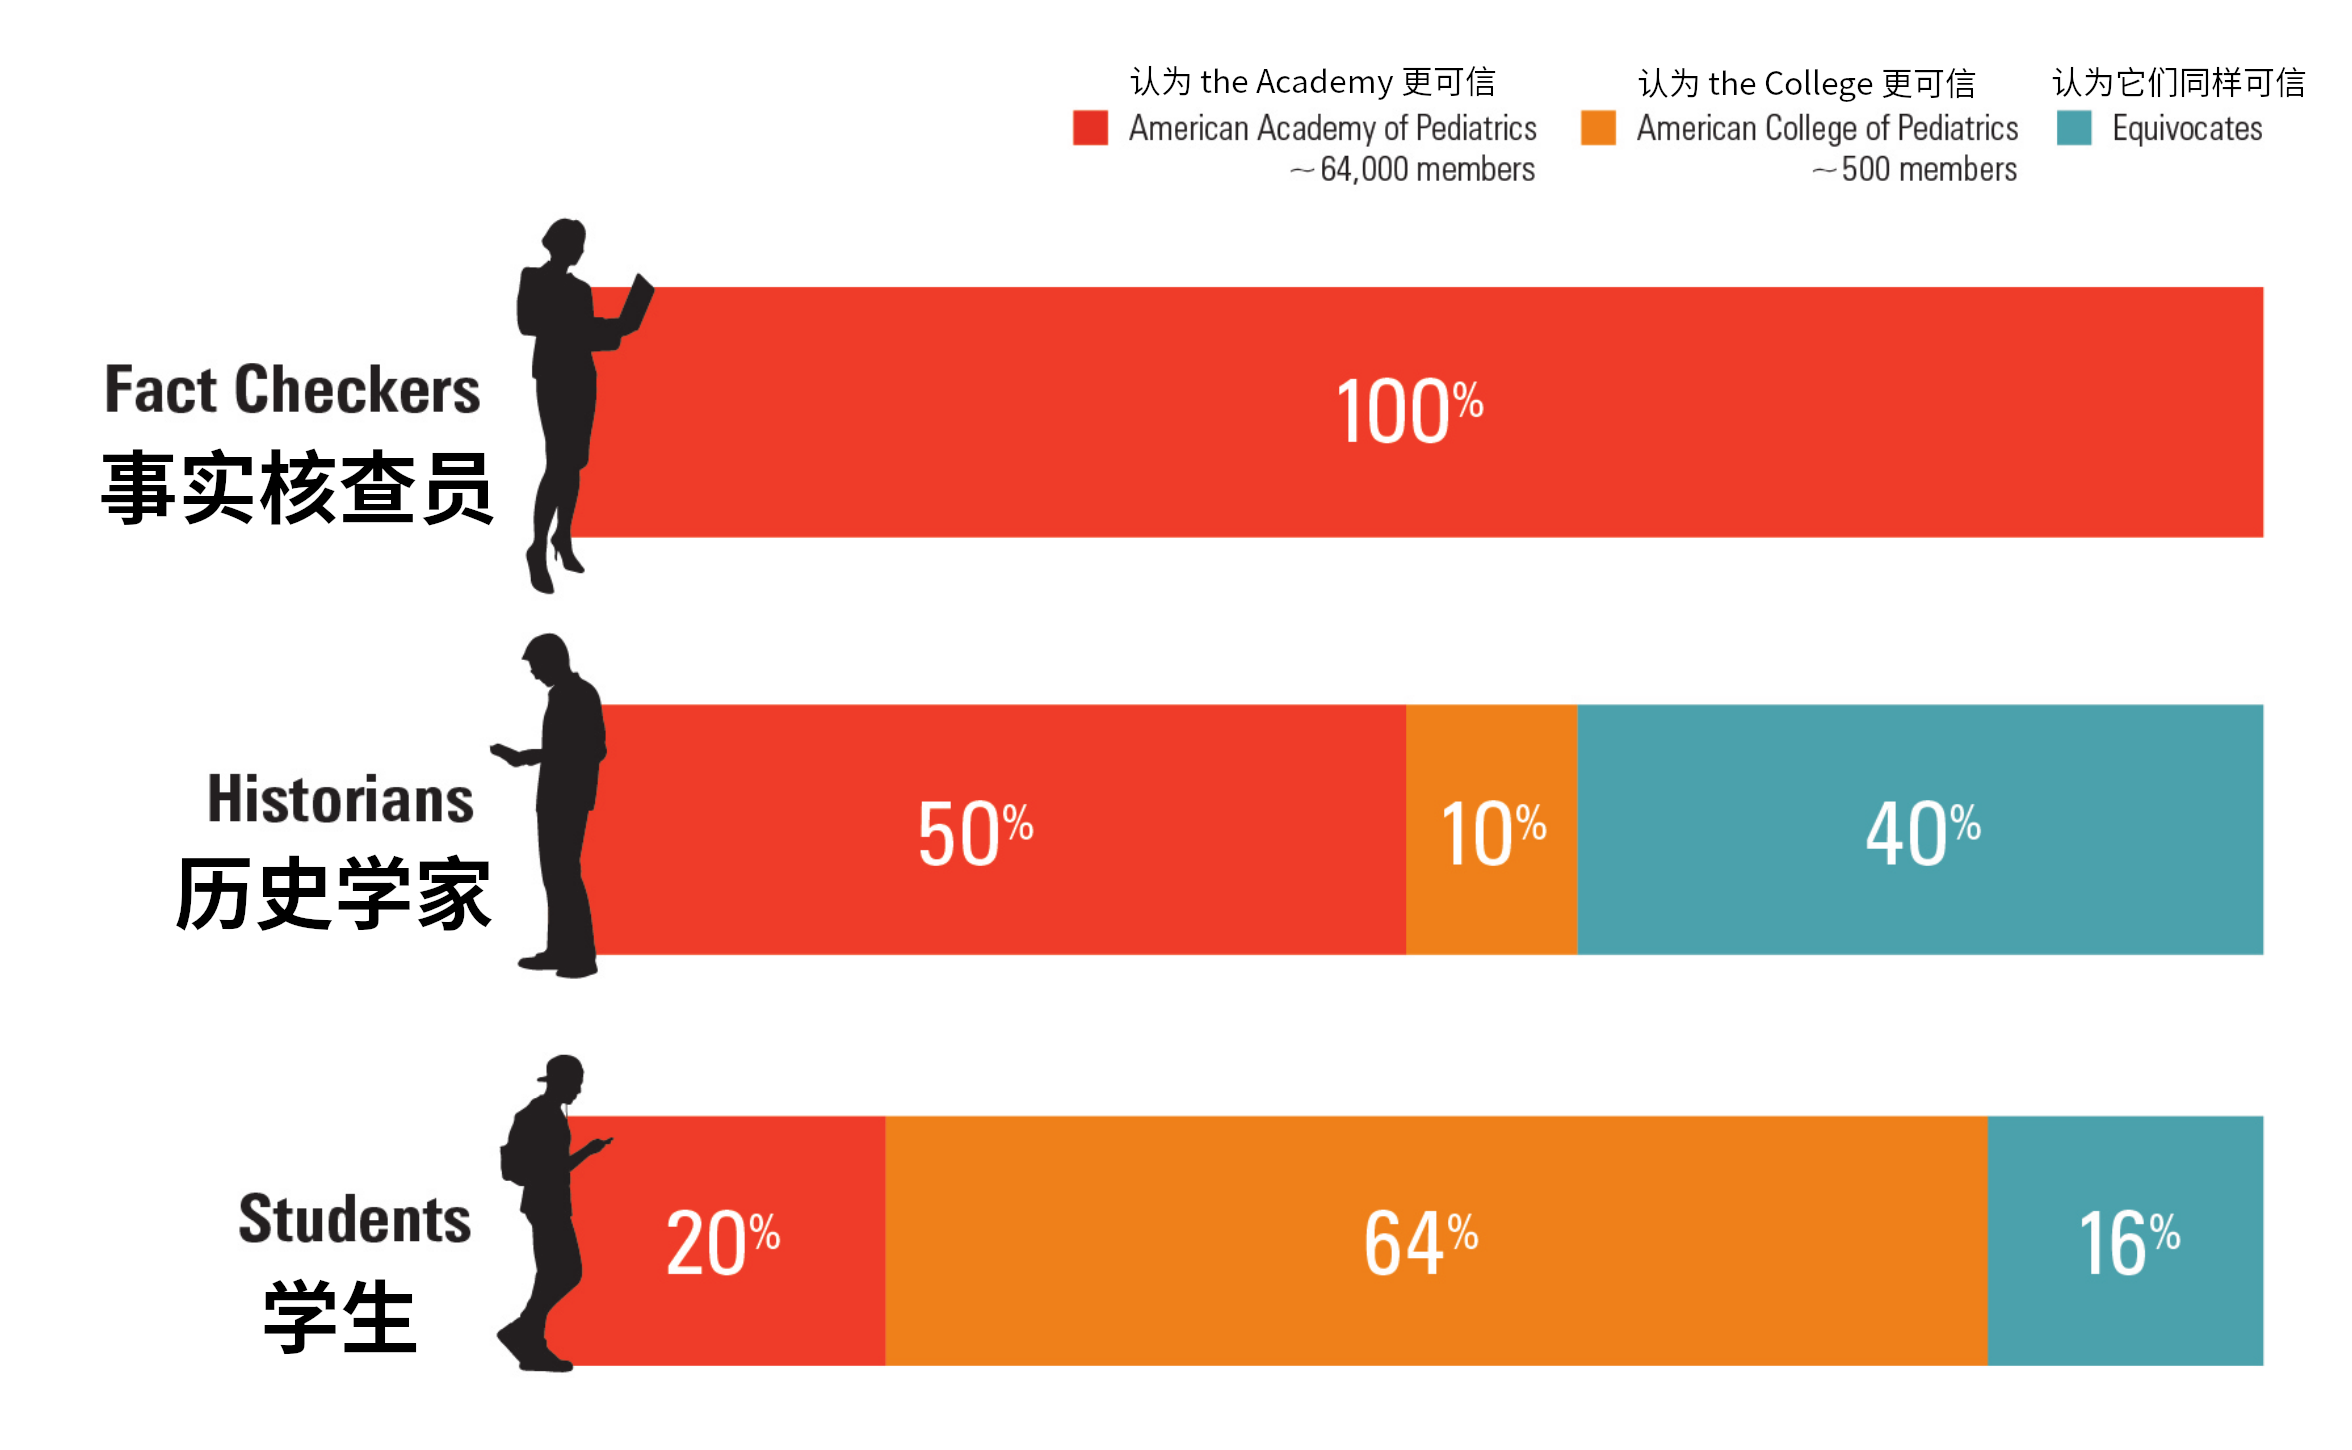 各组参与者中选择 the College 或 the Academy 更可靠的百分比